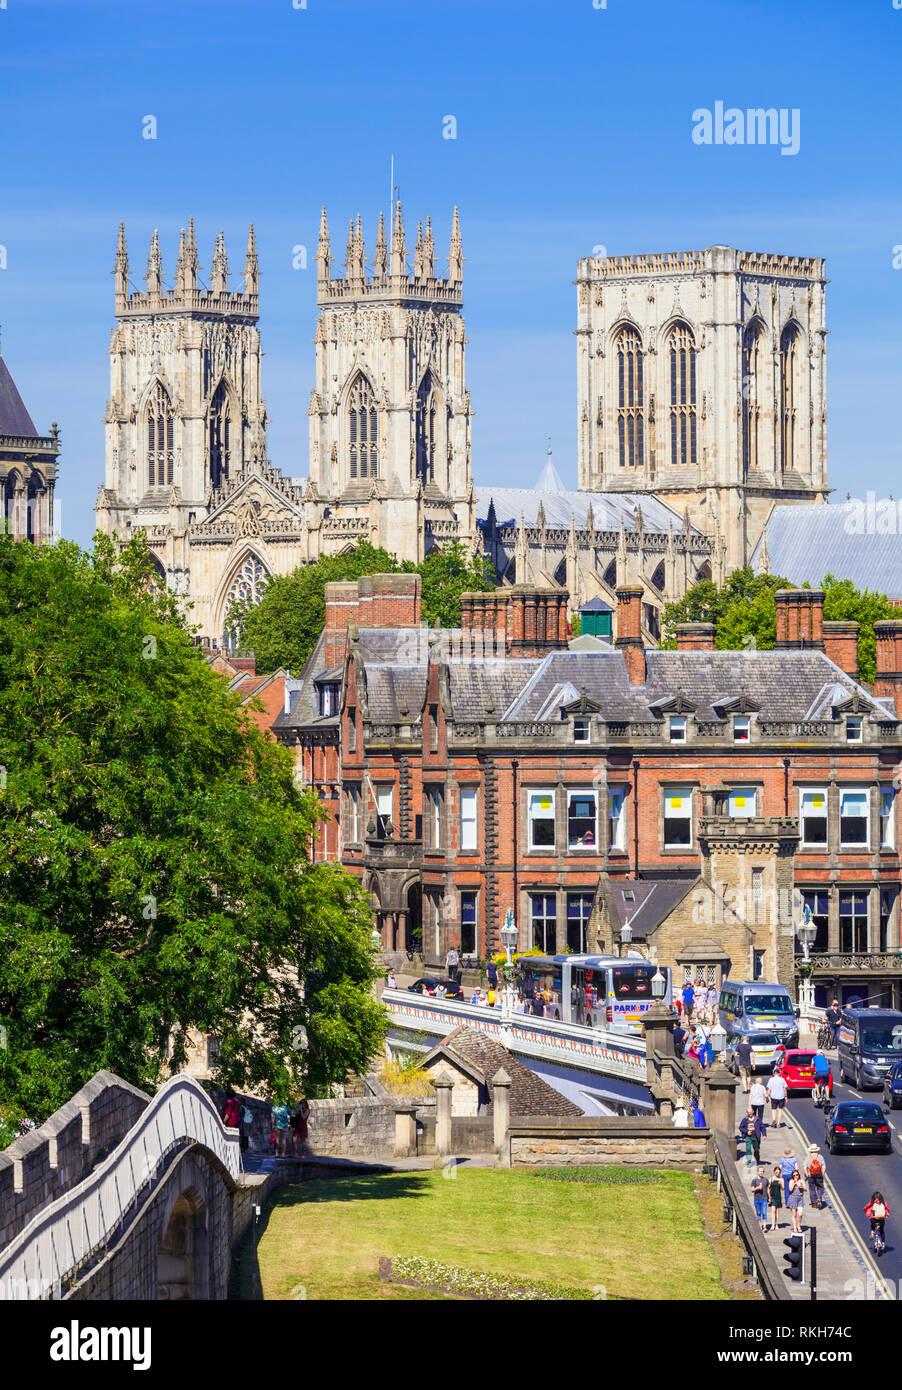 La cathédrale de York et d'une partie de l'enceinte historique de la ville le long de la route de la station York Yorkshire Angleterre UK GB EU Europe Photo Stock